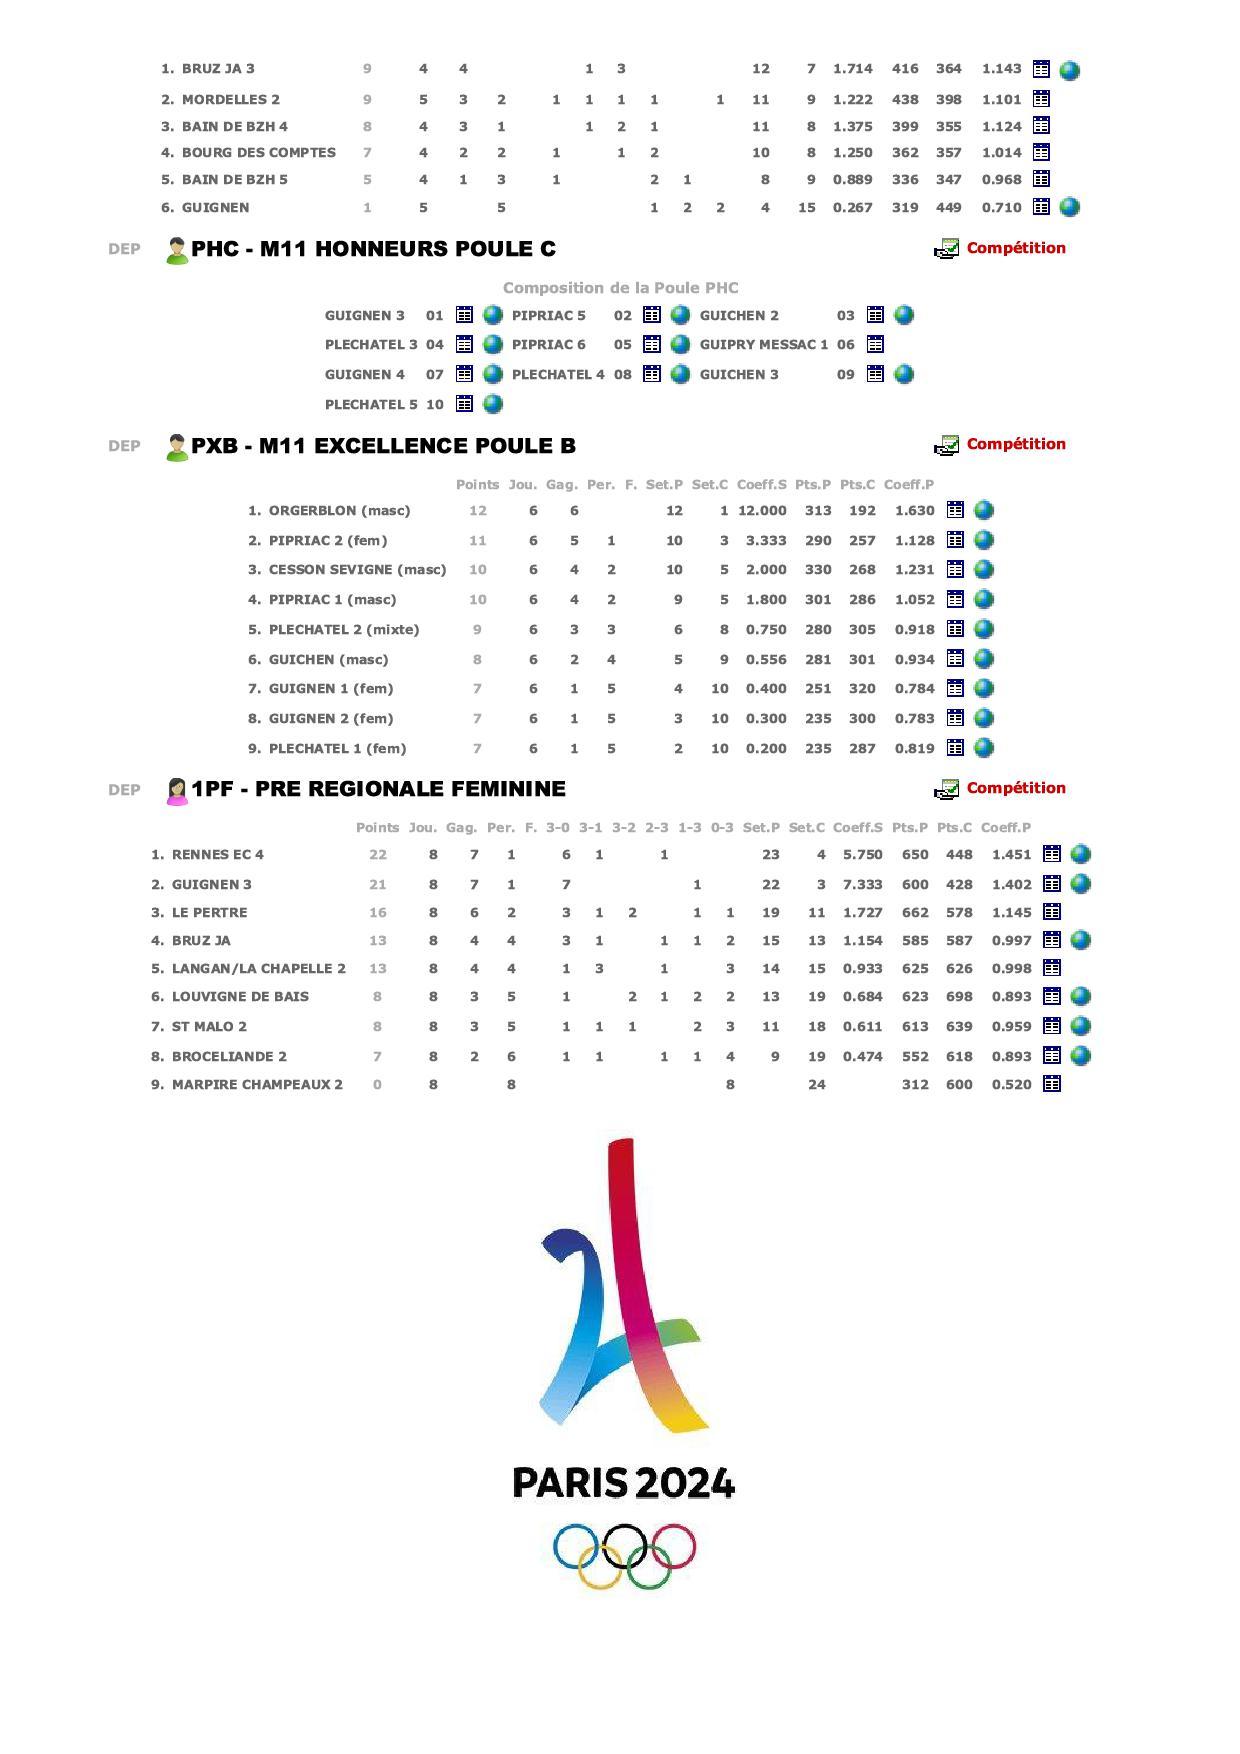 FFVB - Classements des Equipes2.jpg